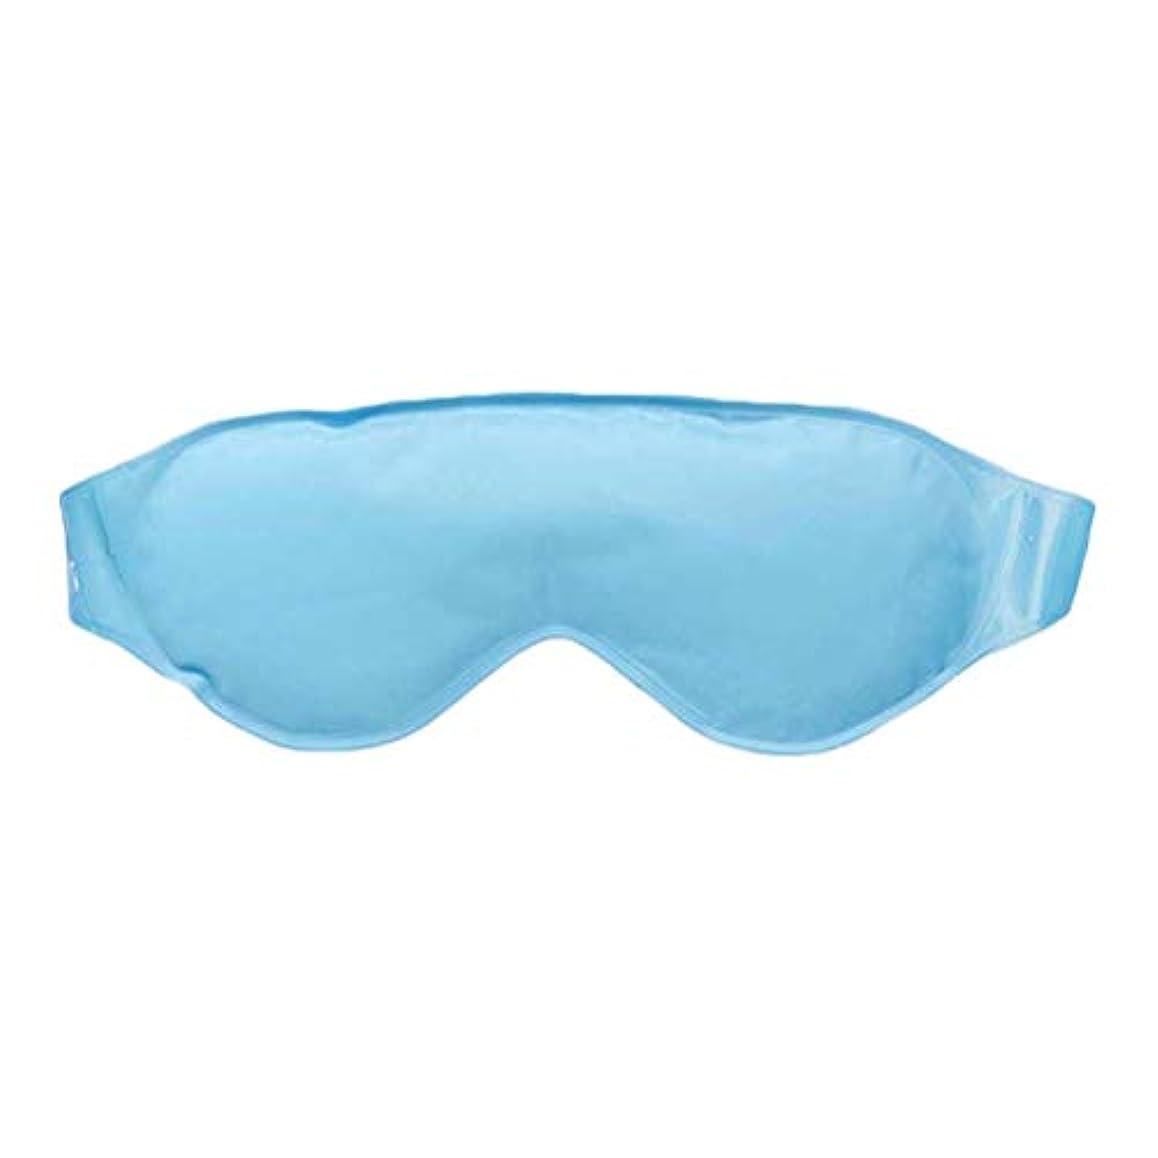 復活する嫌がらせ貢献するHEALIFTY 女性の男性のためのアイスアイマスクパッチ目隠し冷却リラックスブラインドパッチ